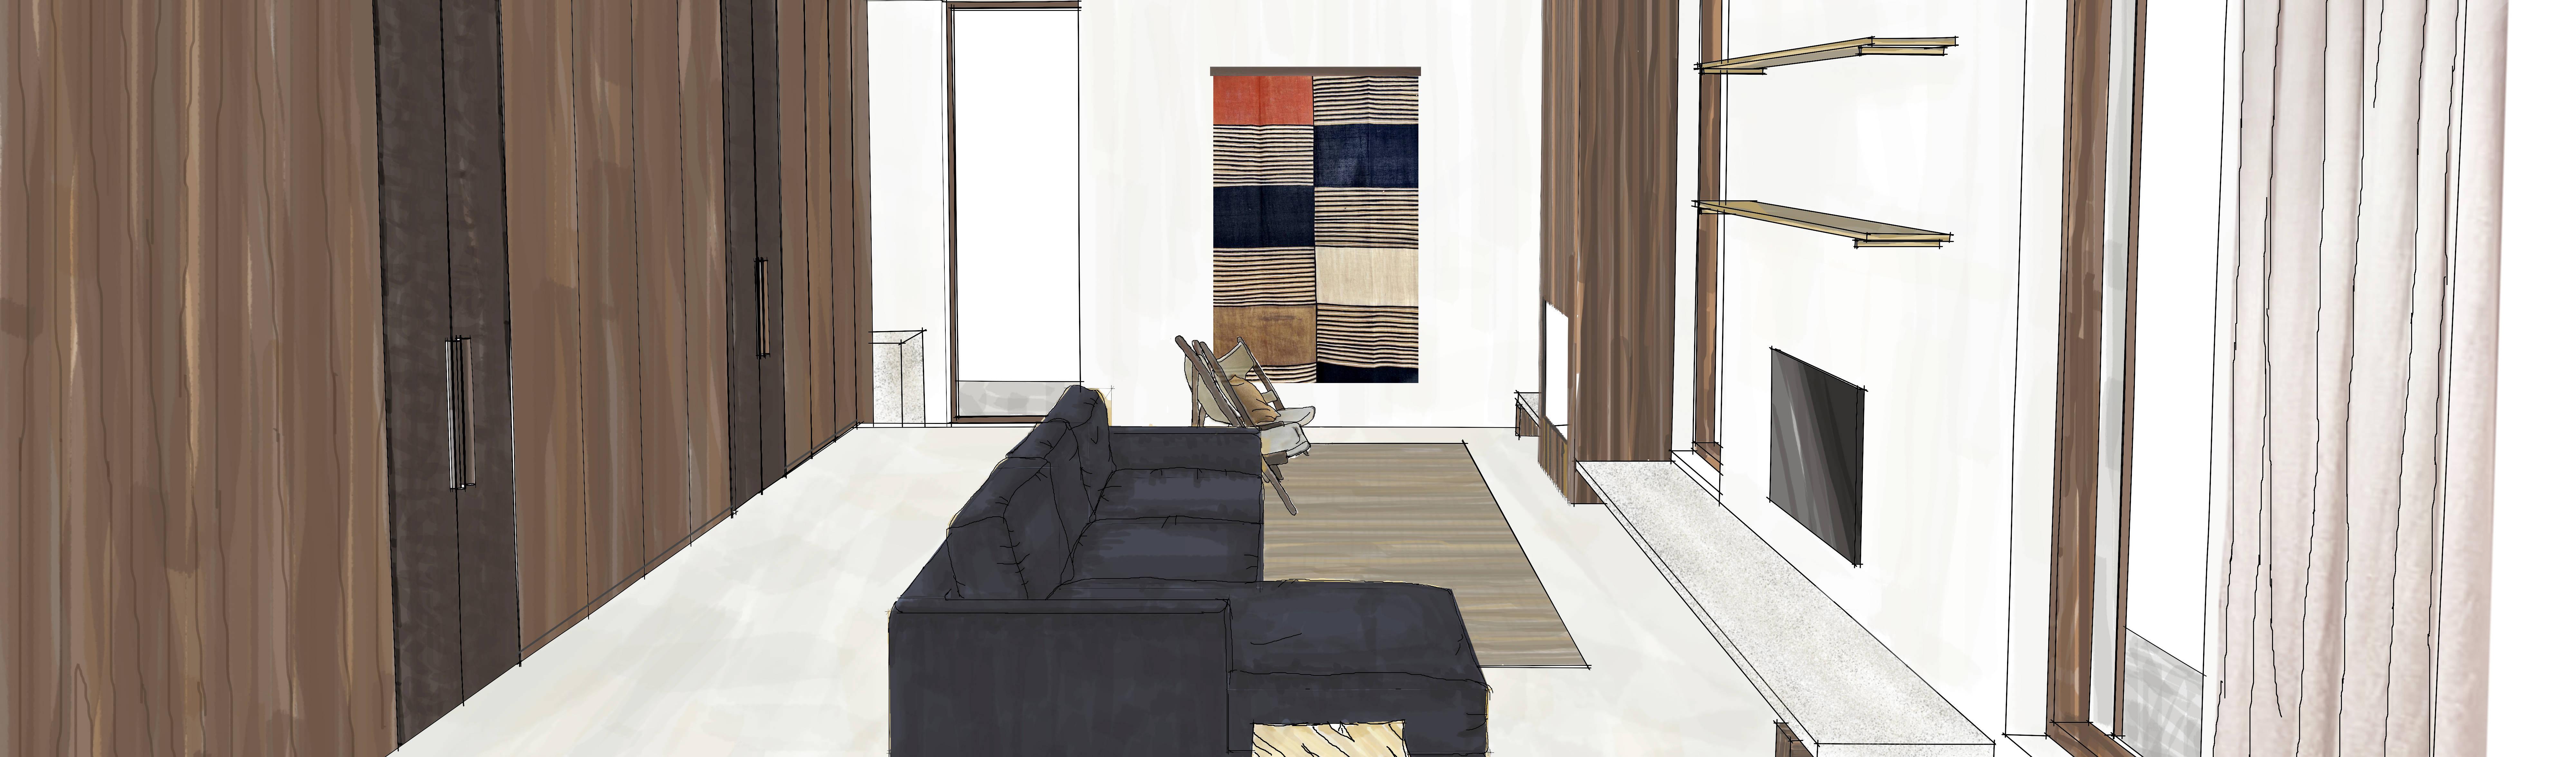 Noemi Cavallero. interiordesign